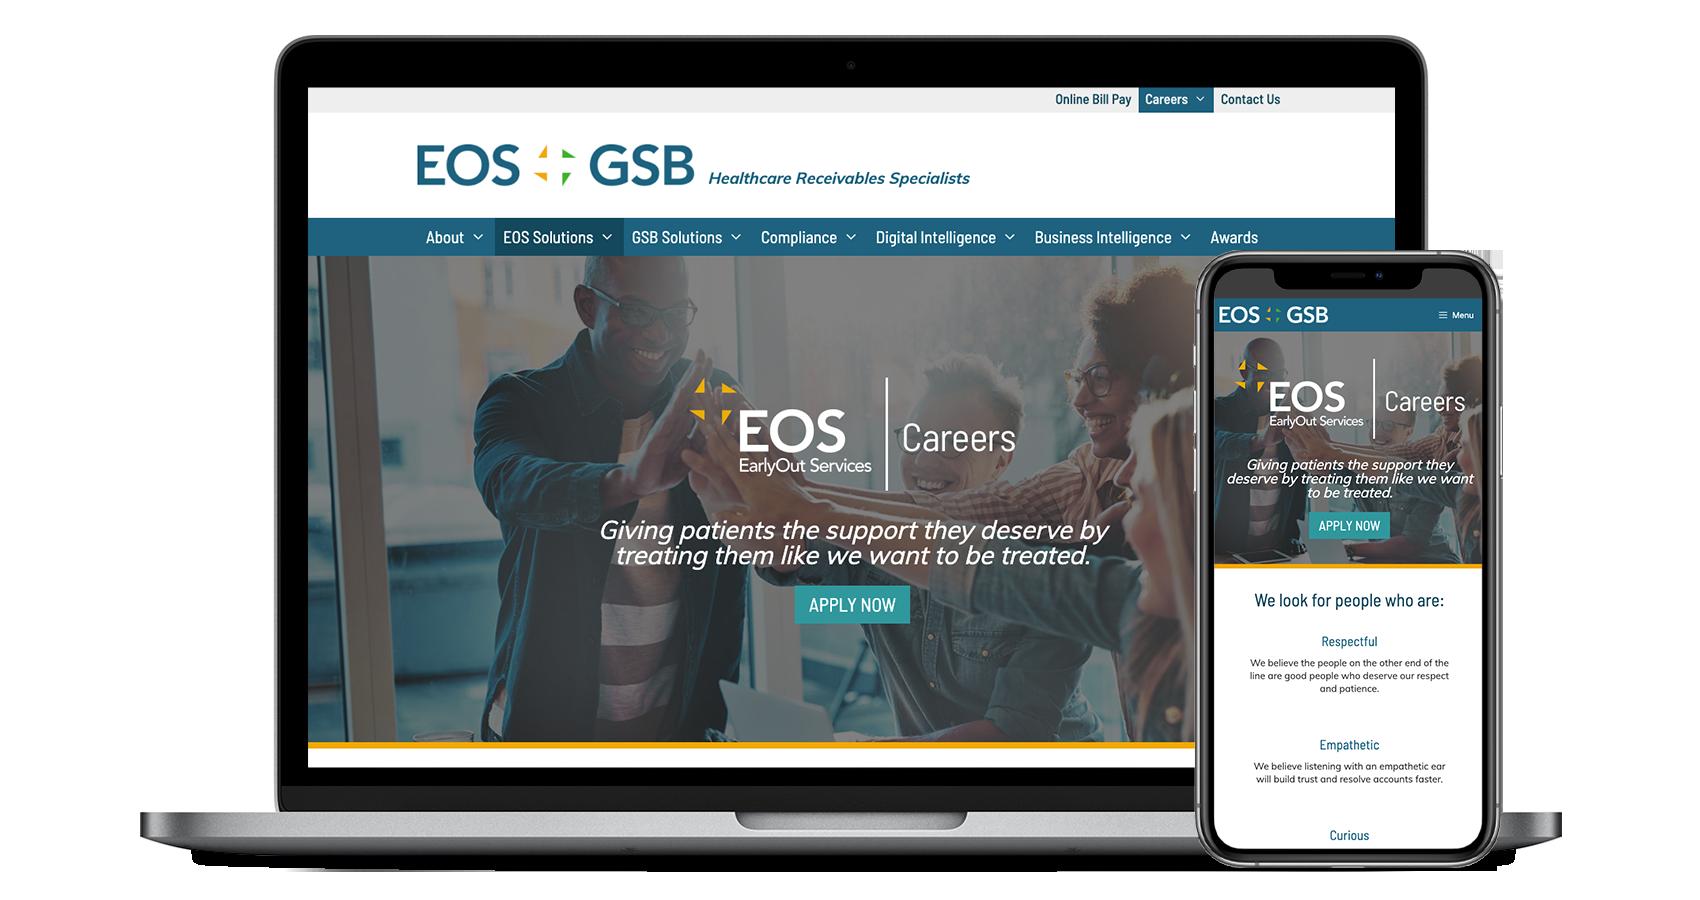 eos-gsb-web-4